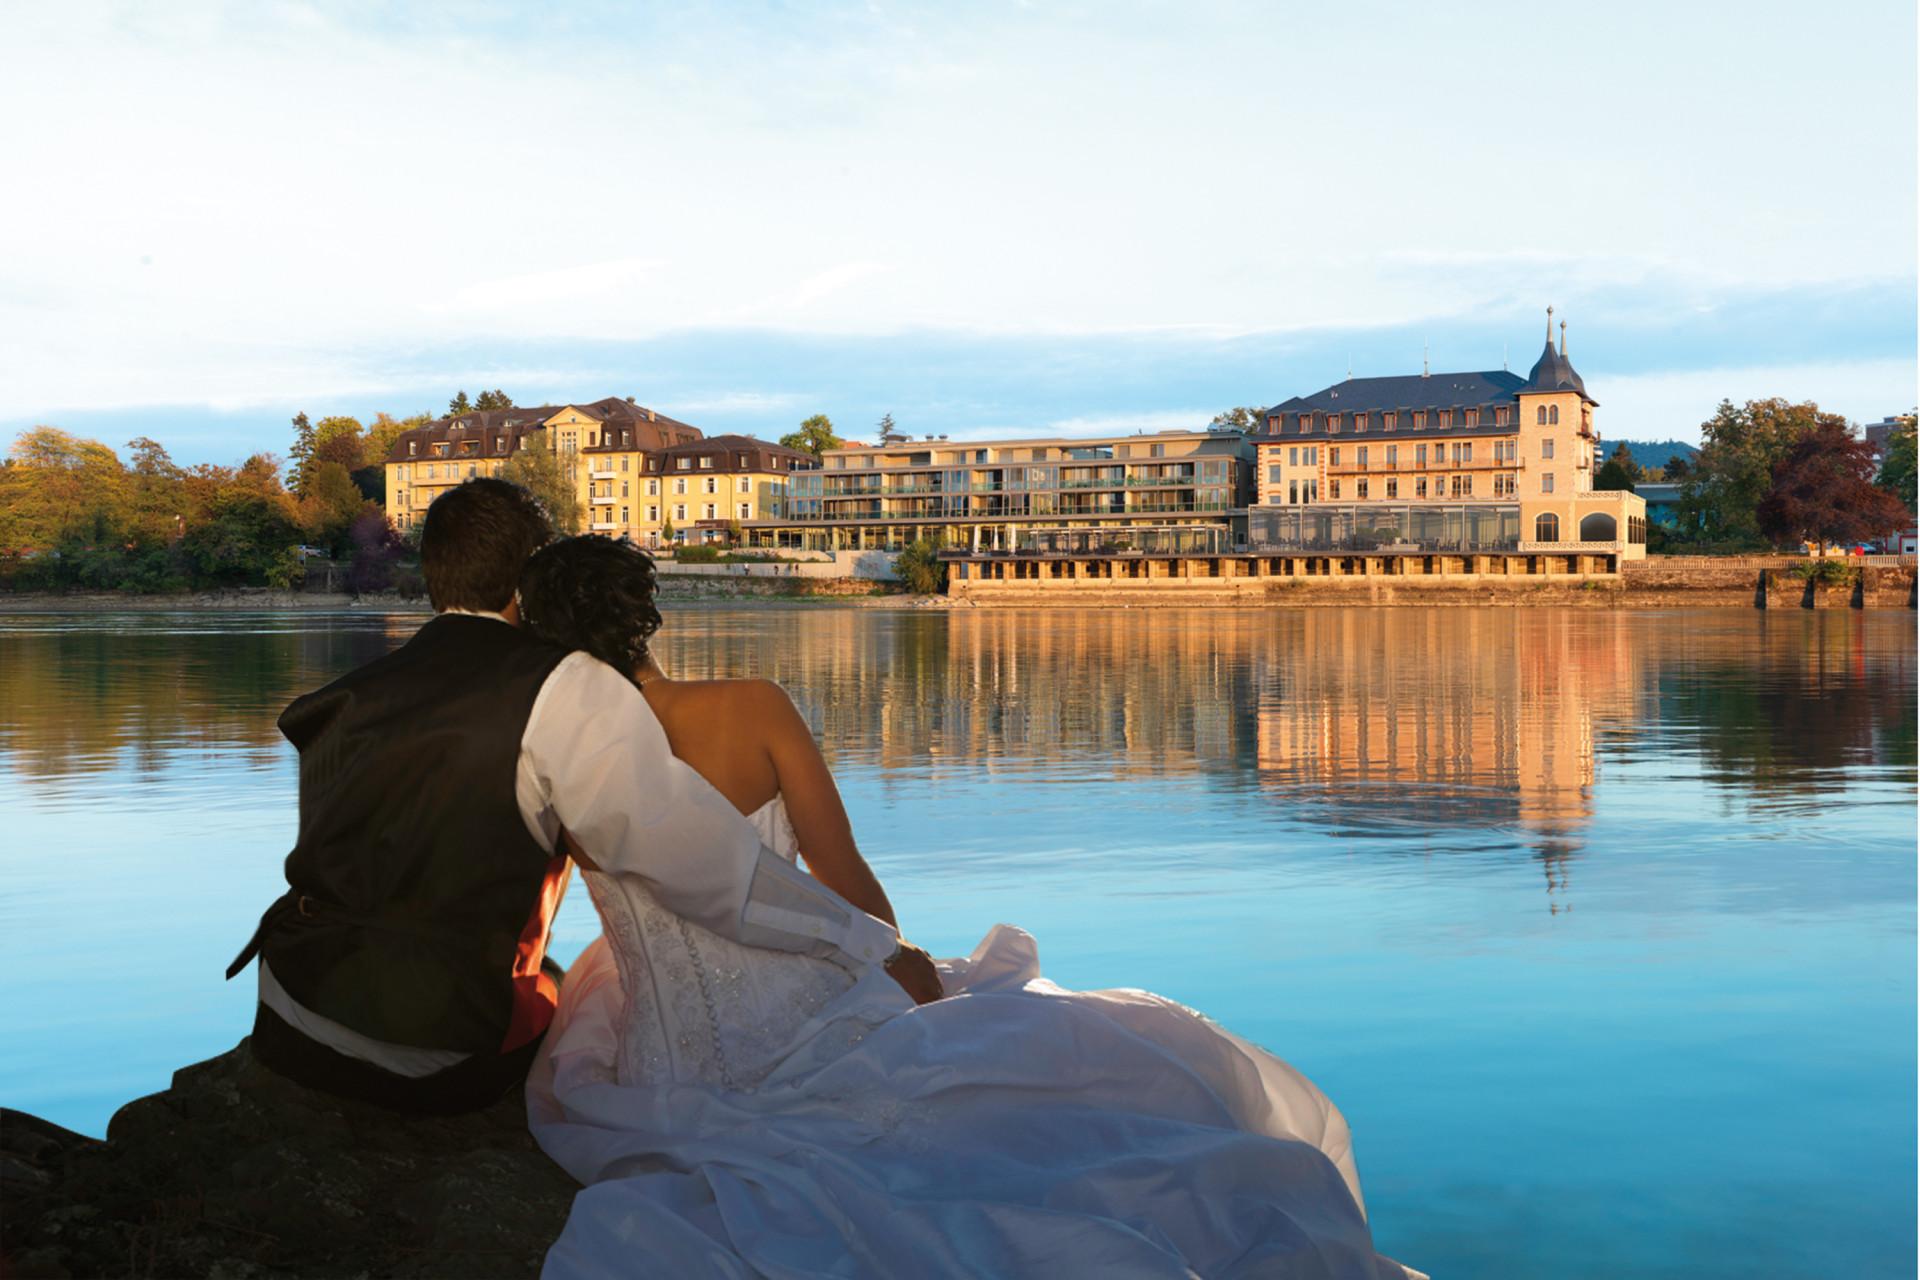 Brautleute sitzen am anderen Ufer des Rheins und schauen auf Park-Hotel